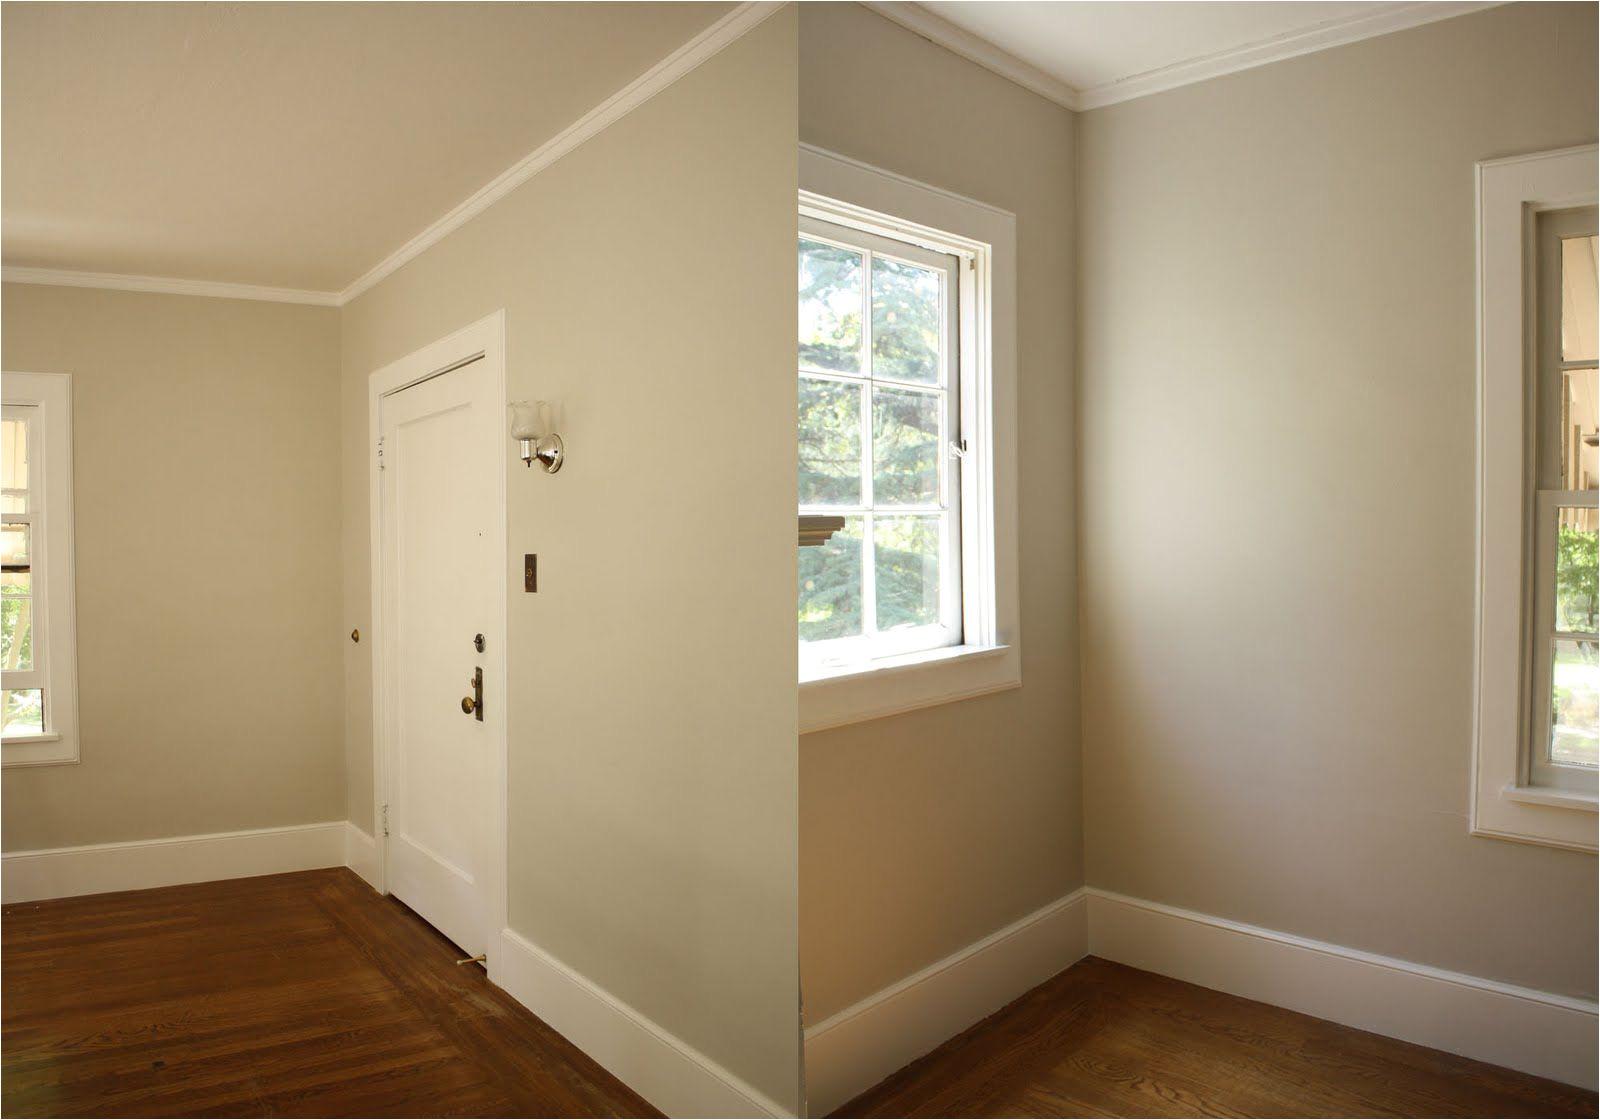 Benjamin Moore Portland Gray Undertones Benjamin Moore Edgecomb Gray Hc 173 for Living Room Kitchen